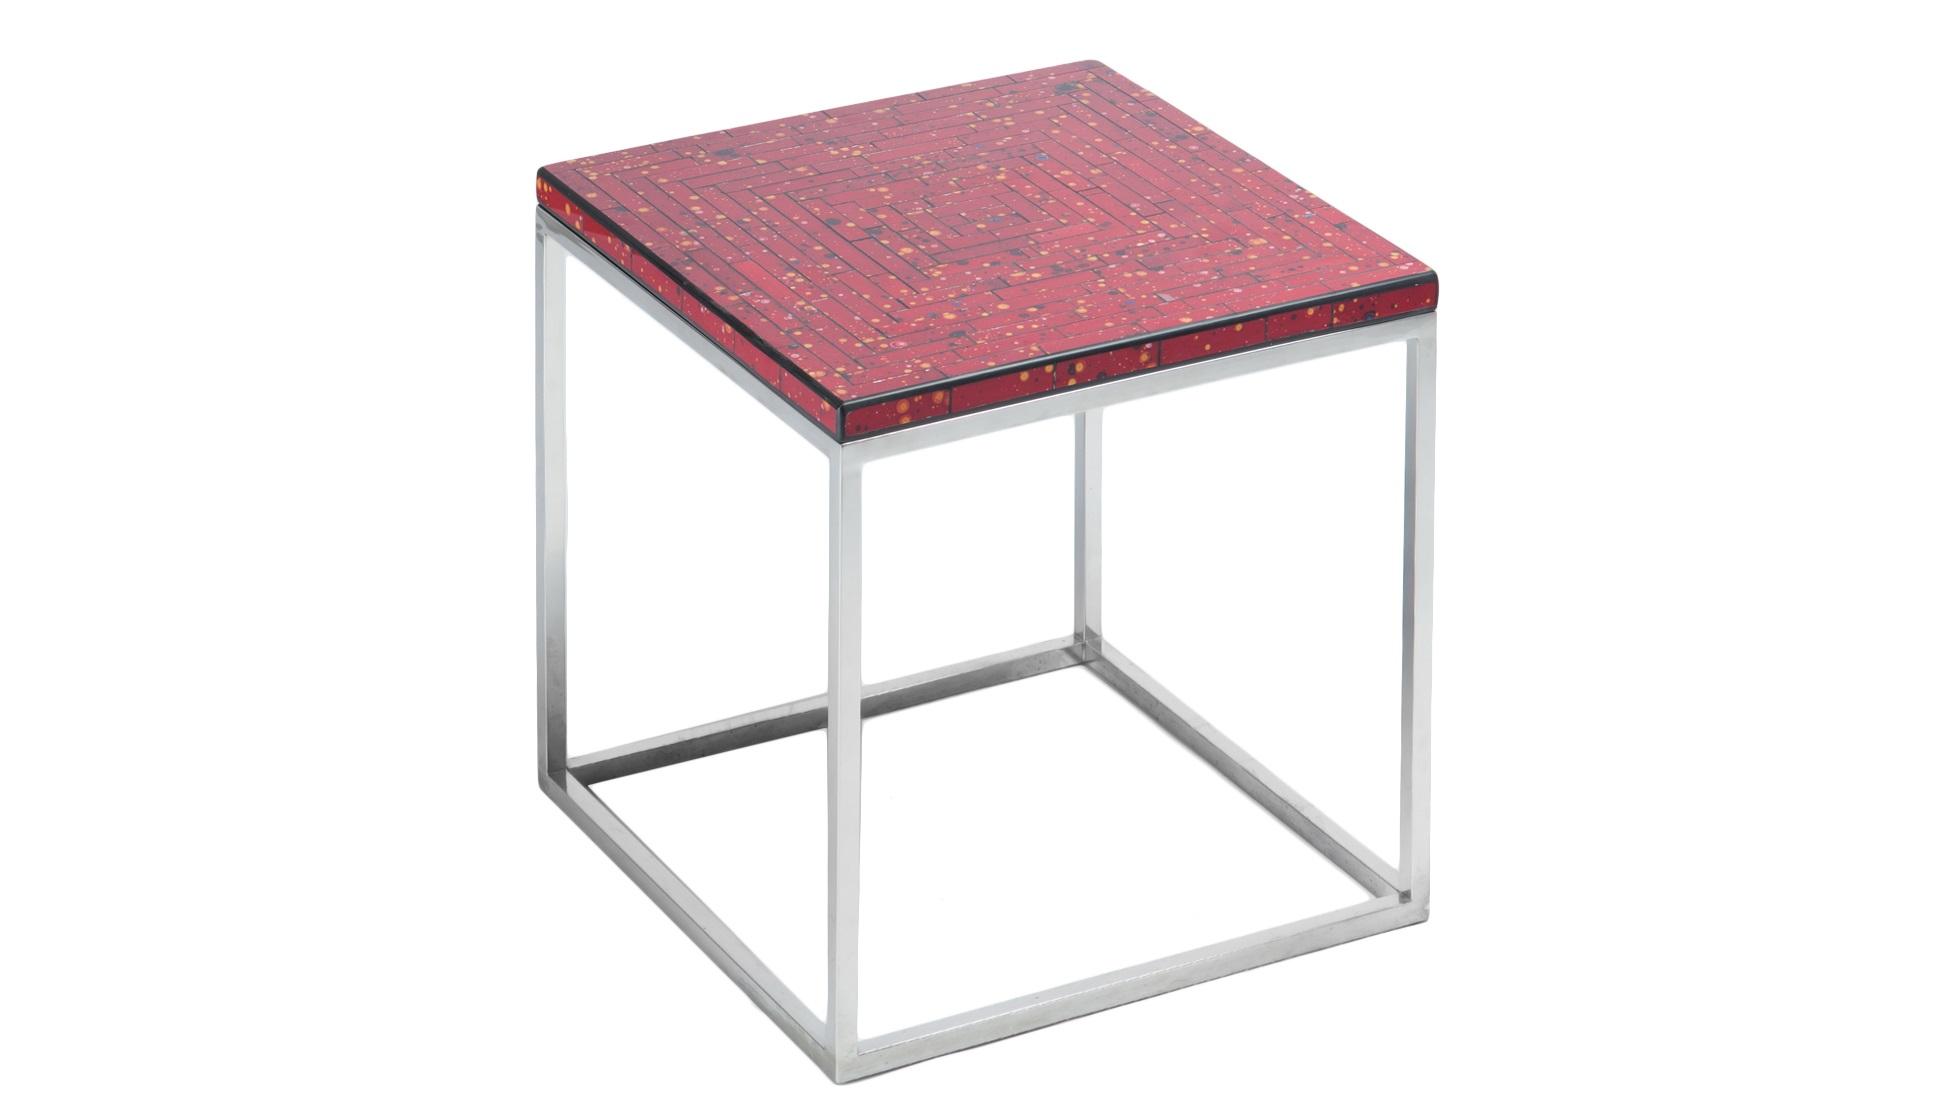 СтоликПриставные столики<br>Столик квадратный на стальном основании, декорирован мозаикой.<br><br>Material: Сталь<br>Length см: None<br>Width см: 60<br>Depth см: 60<br>Height см: 56